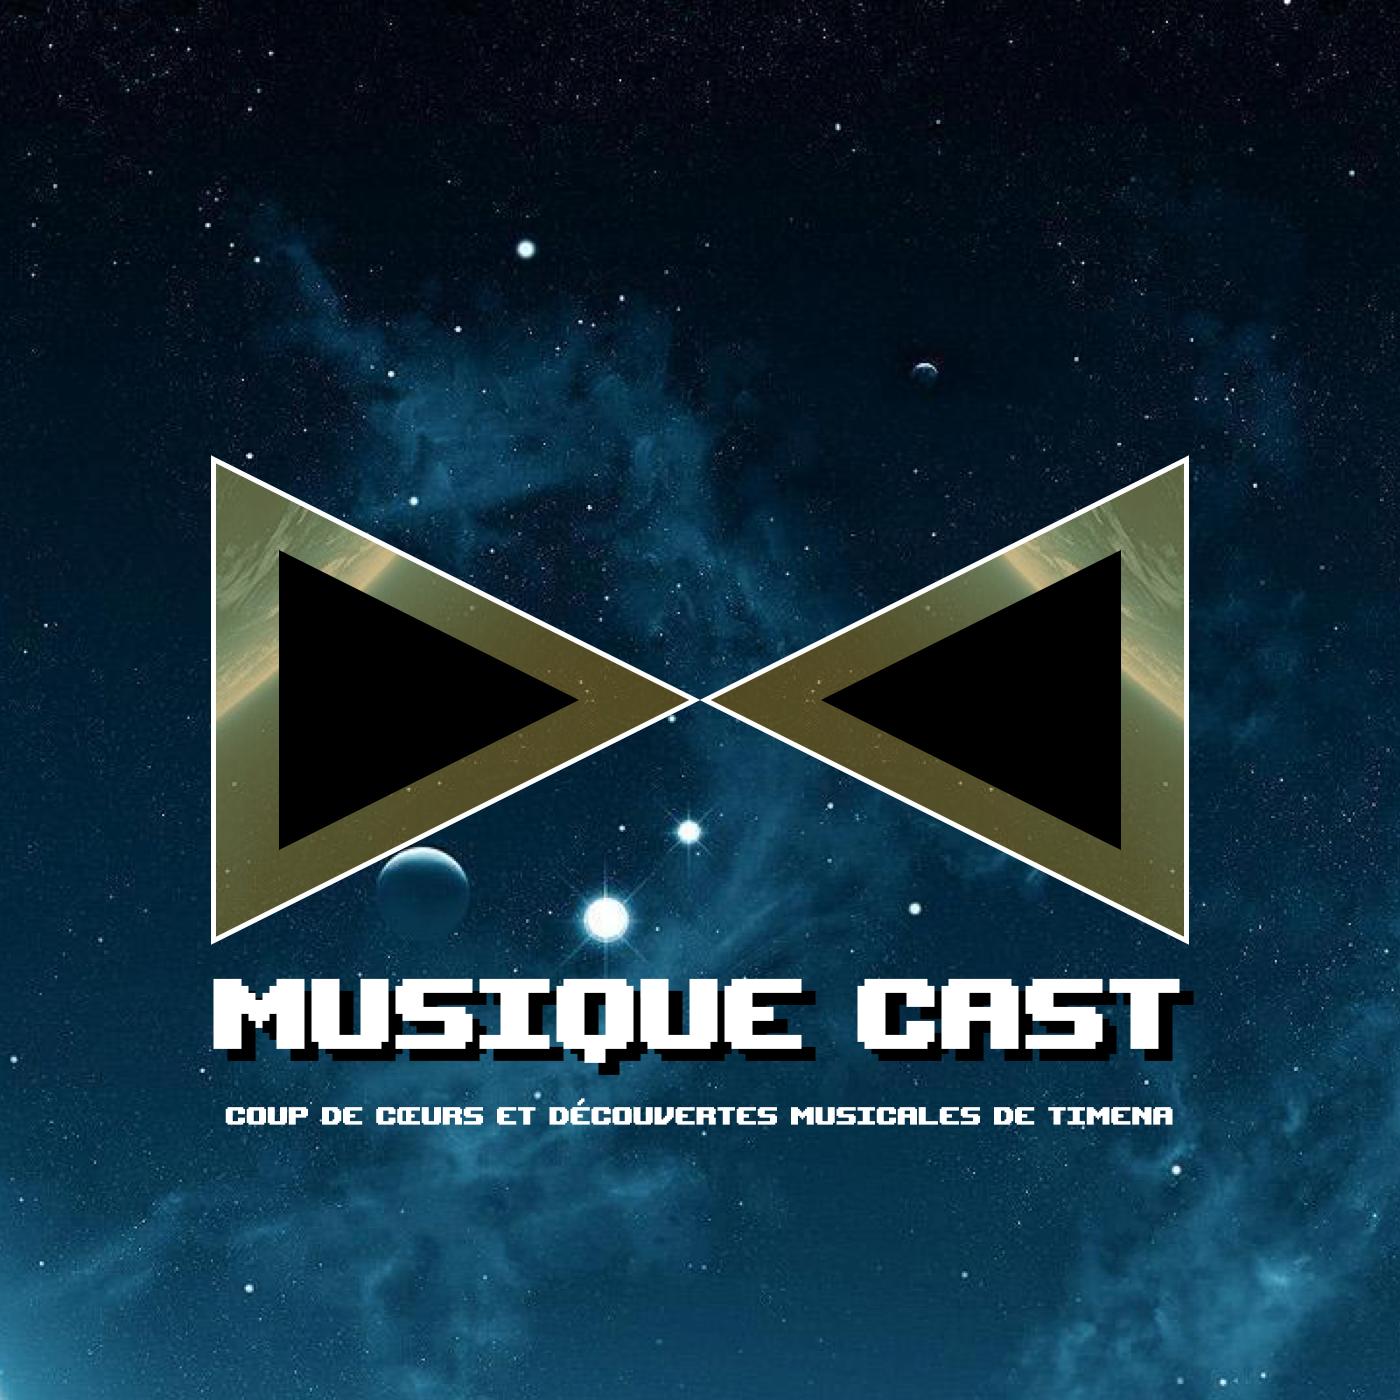 <![CDATA[Musique Cast]]>